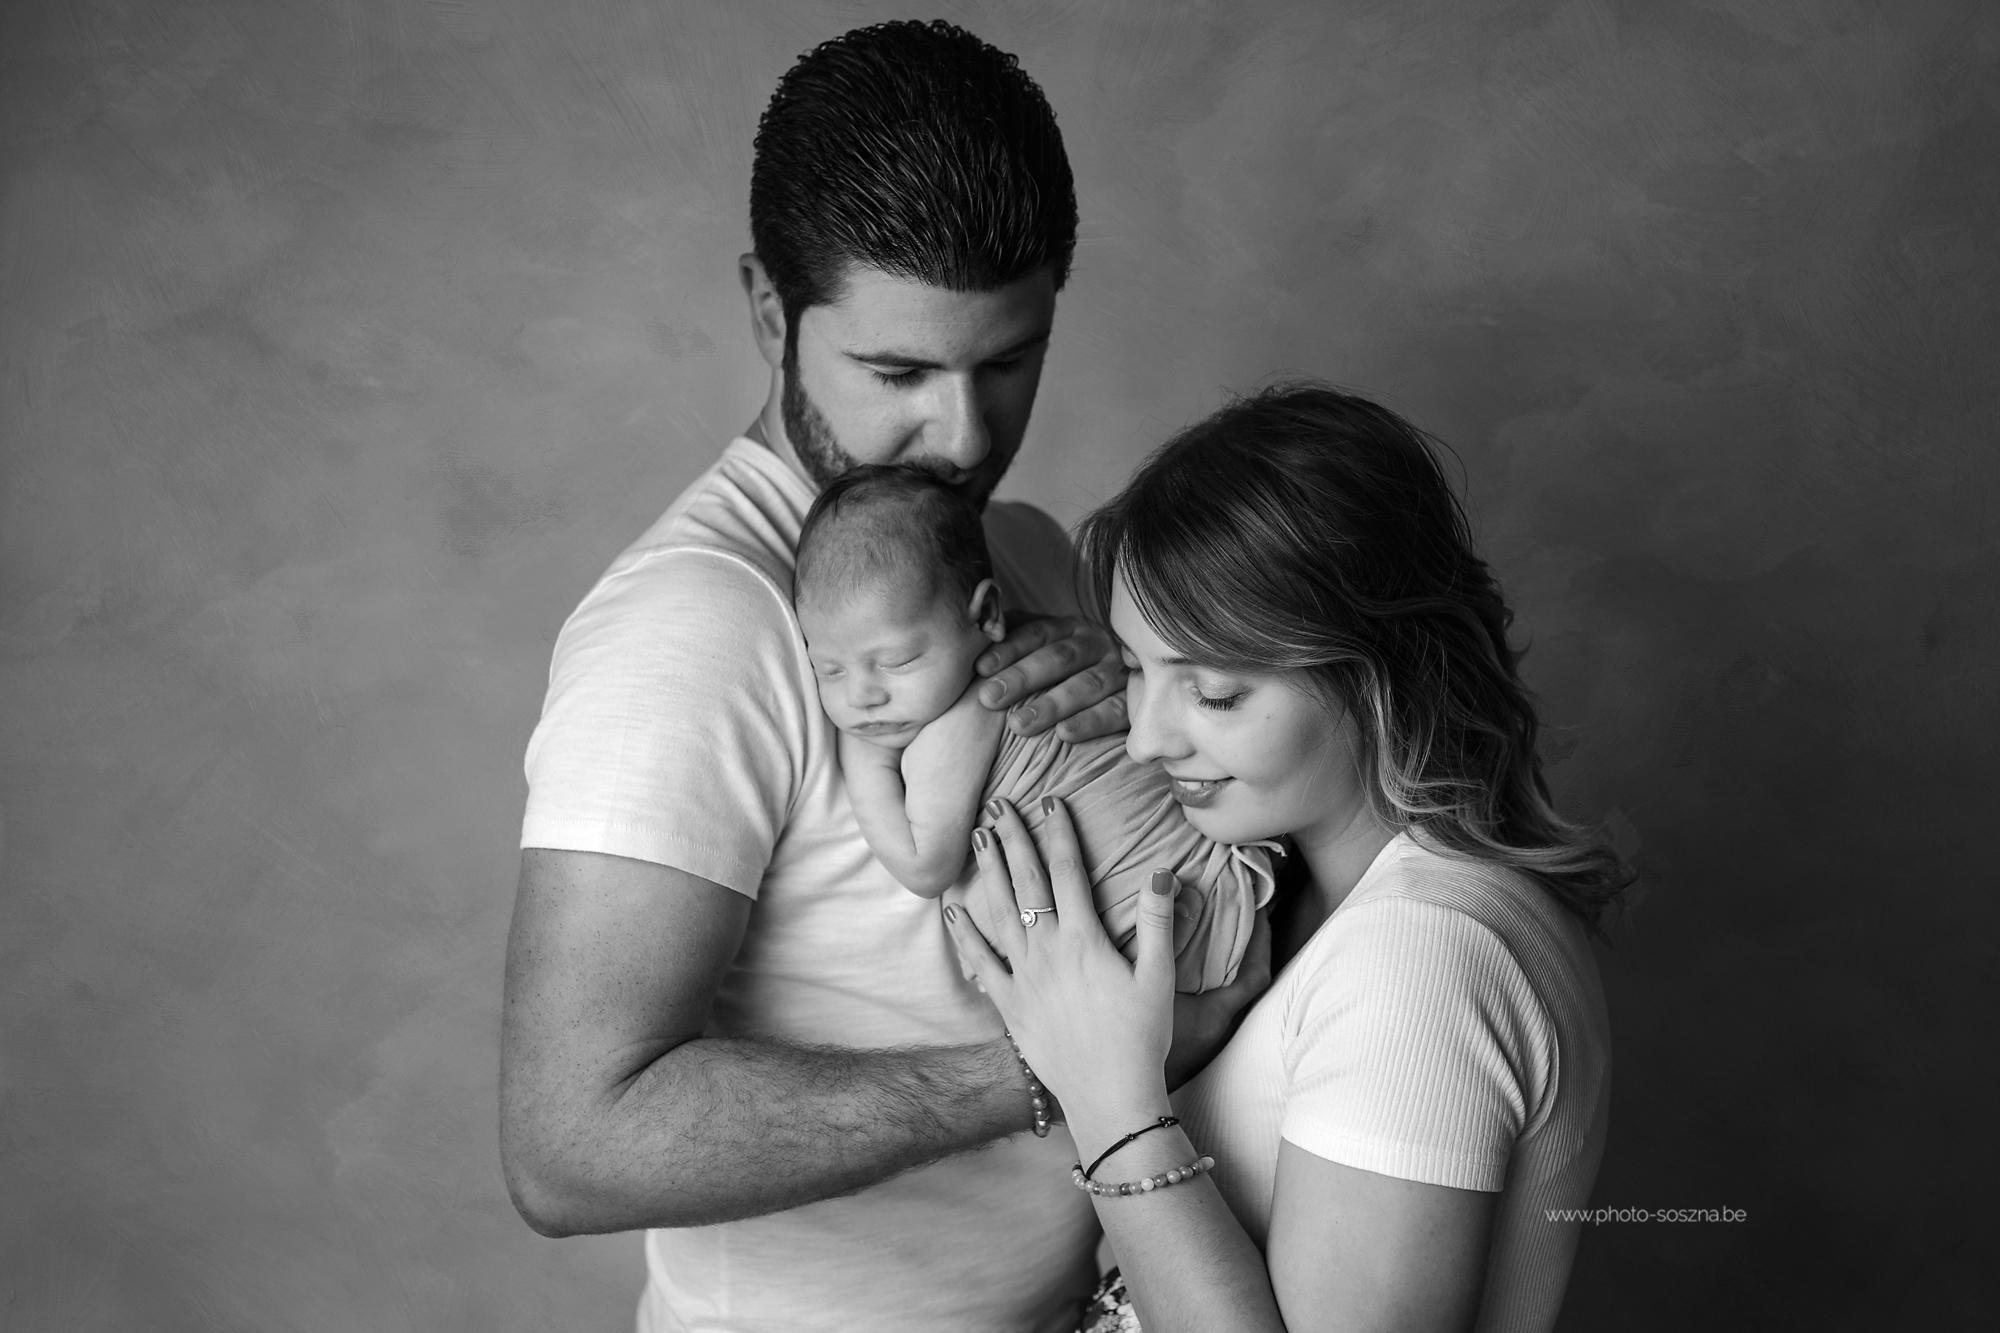 photographe nouveau-né famille bébé studio